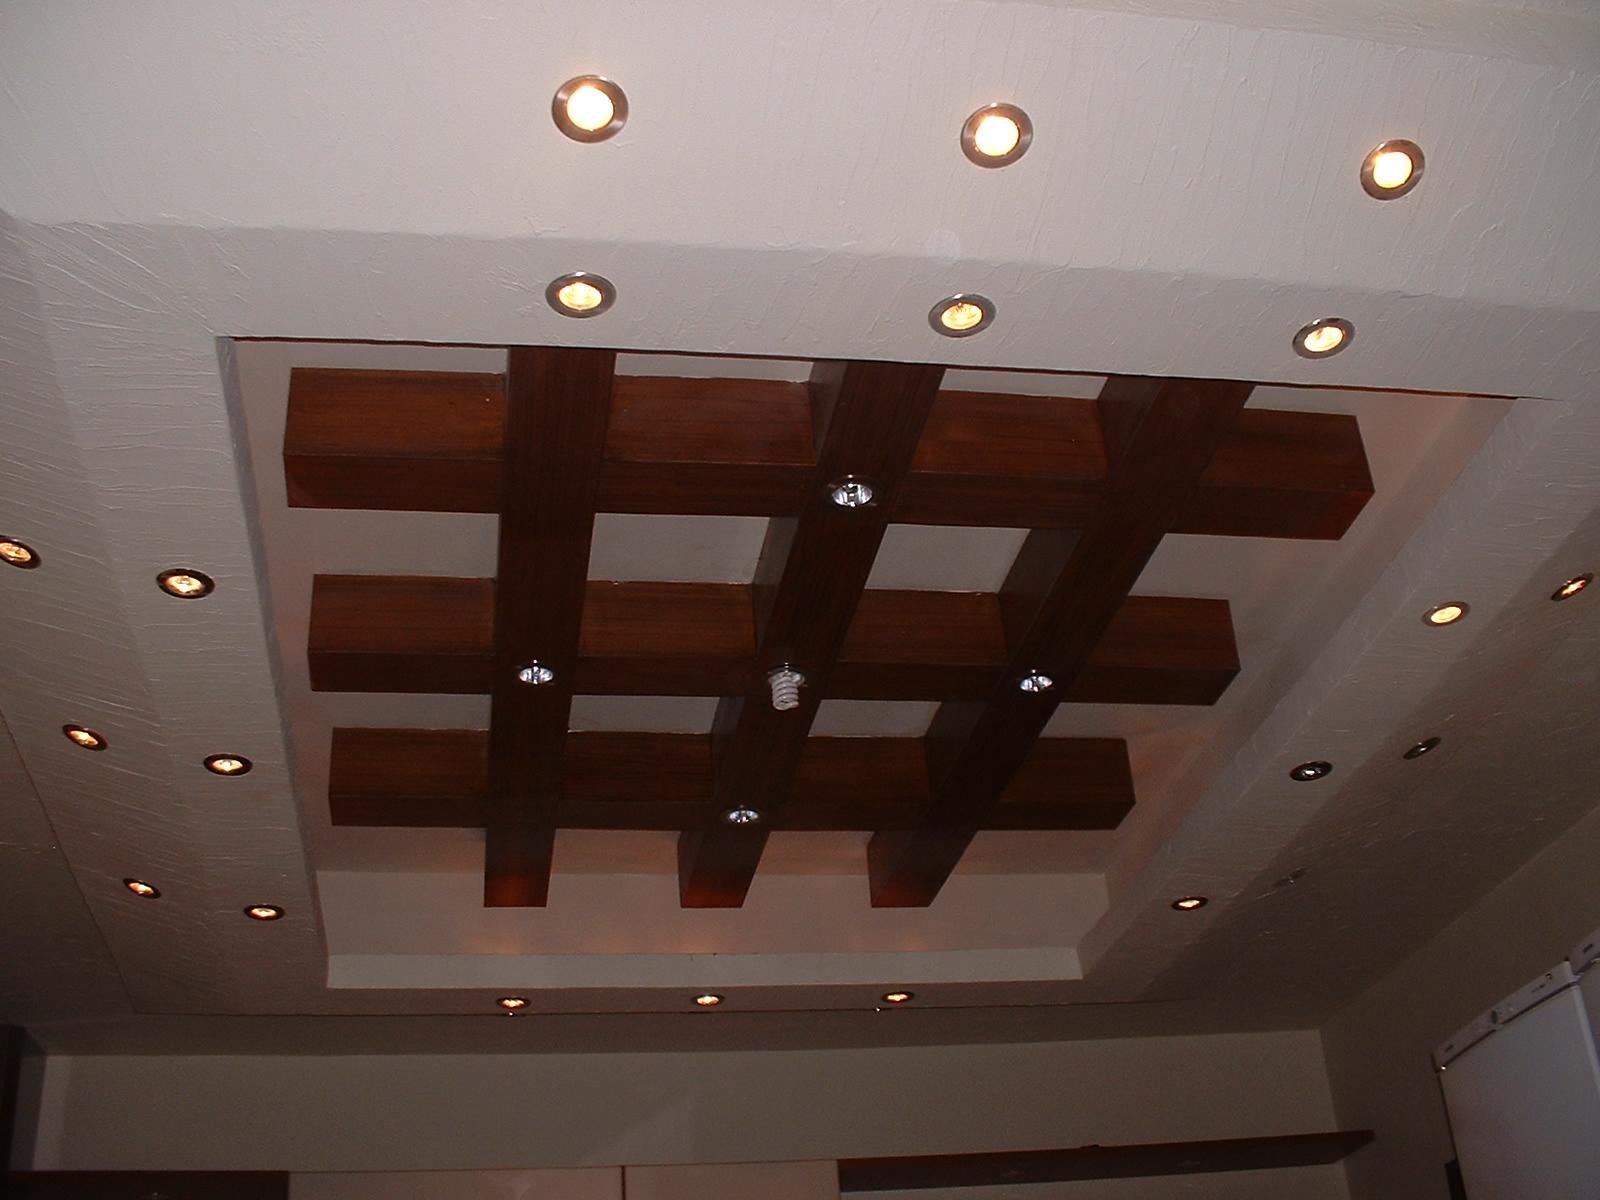 Ceiling Design Ideas ceiling design ideas 2016 screenshot False